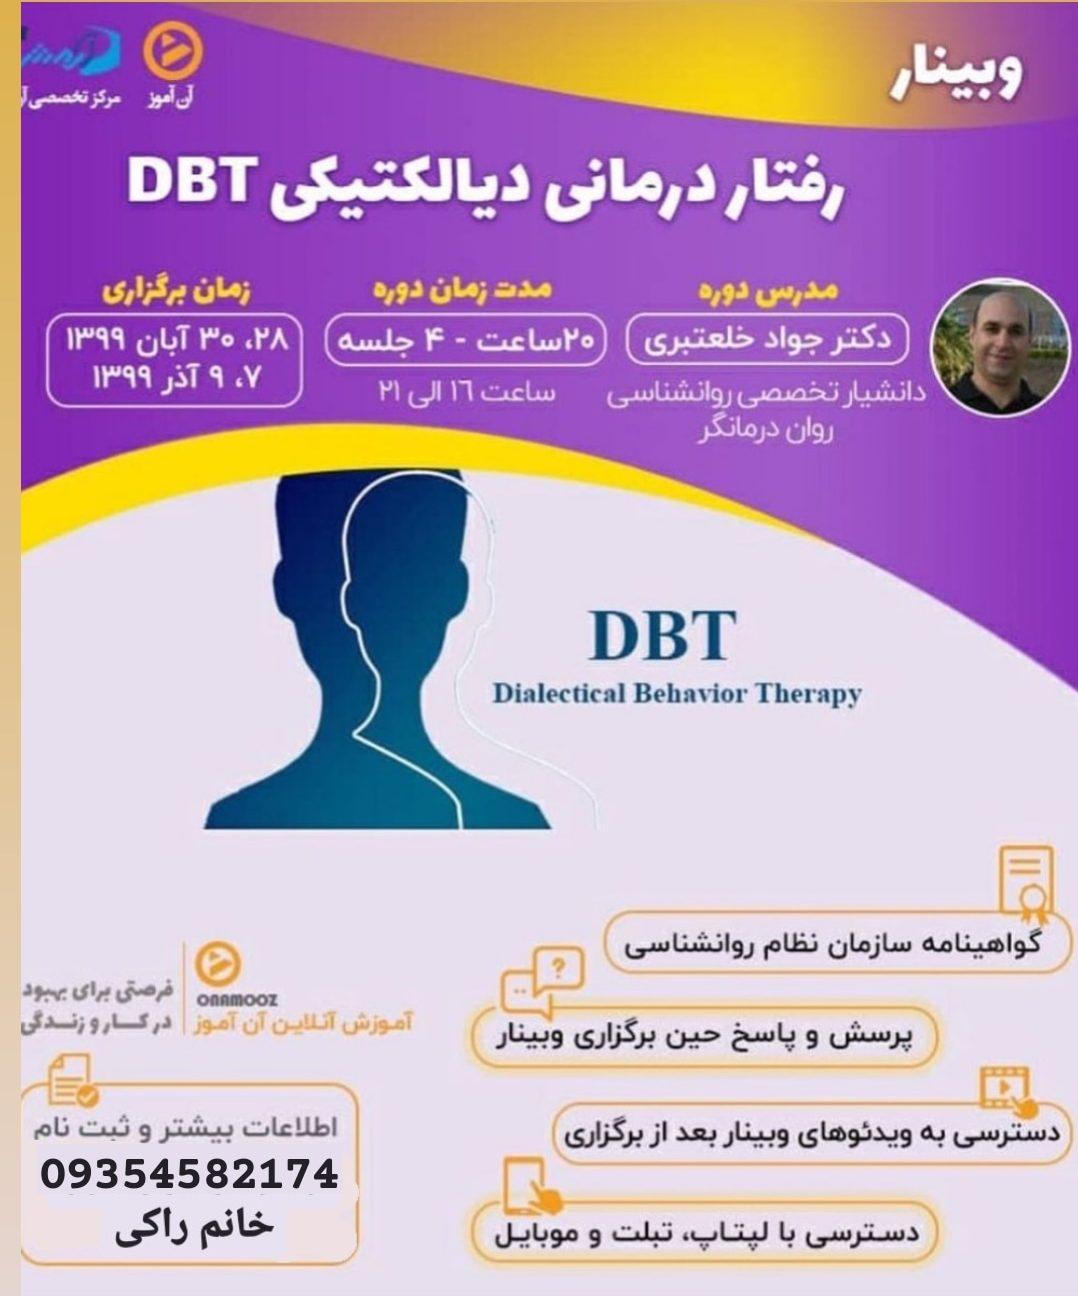 کارگاه آنلاین رفتار درمانی دیالکتیکی DBT